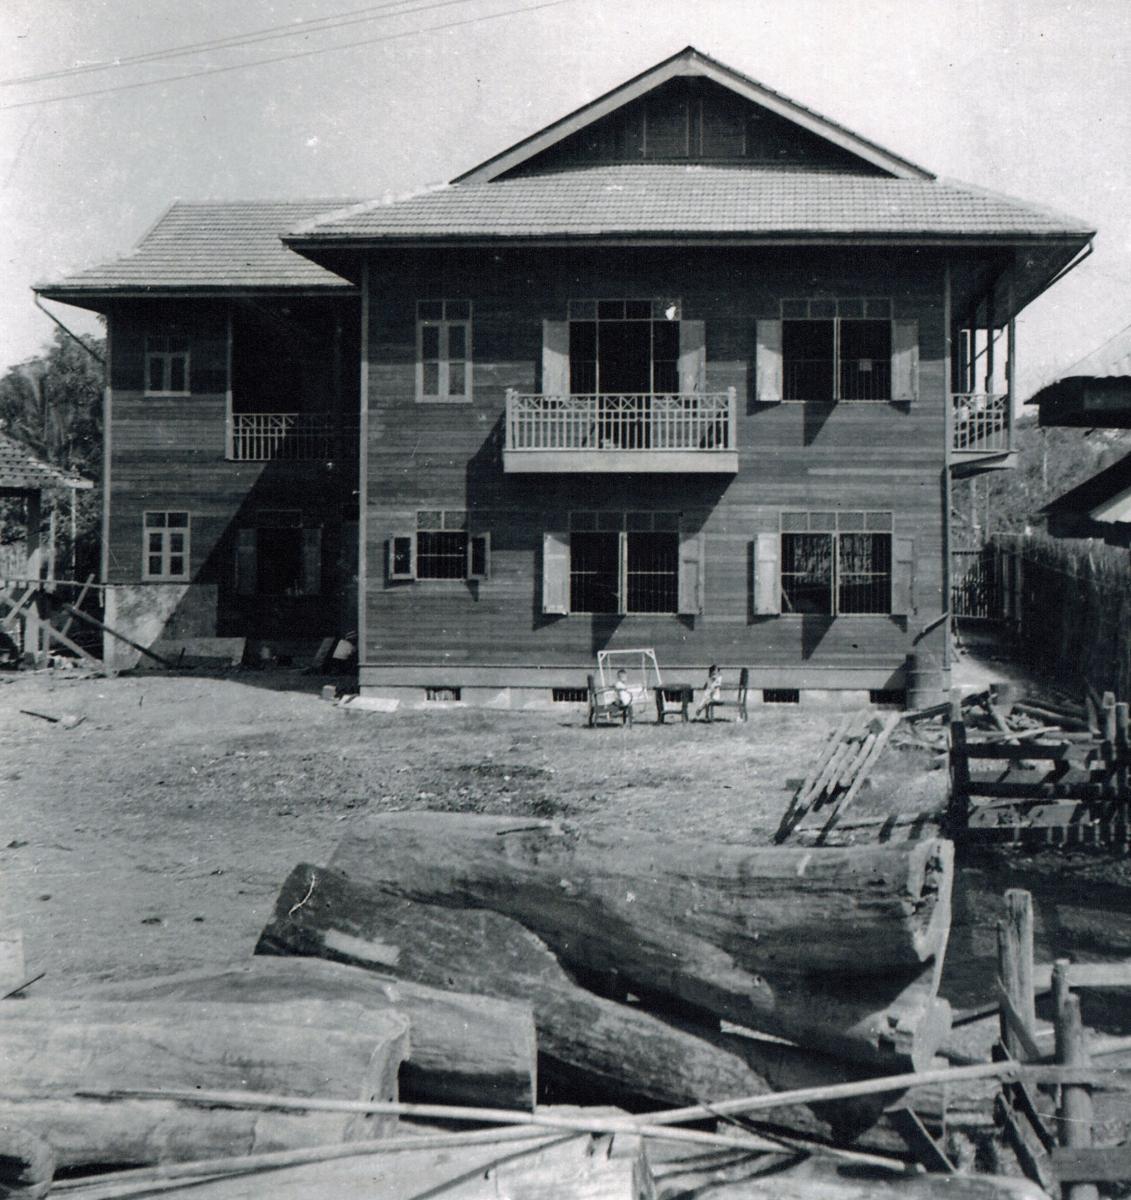 The Teak House